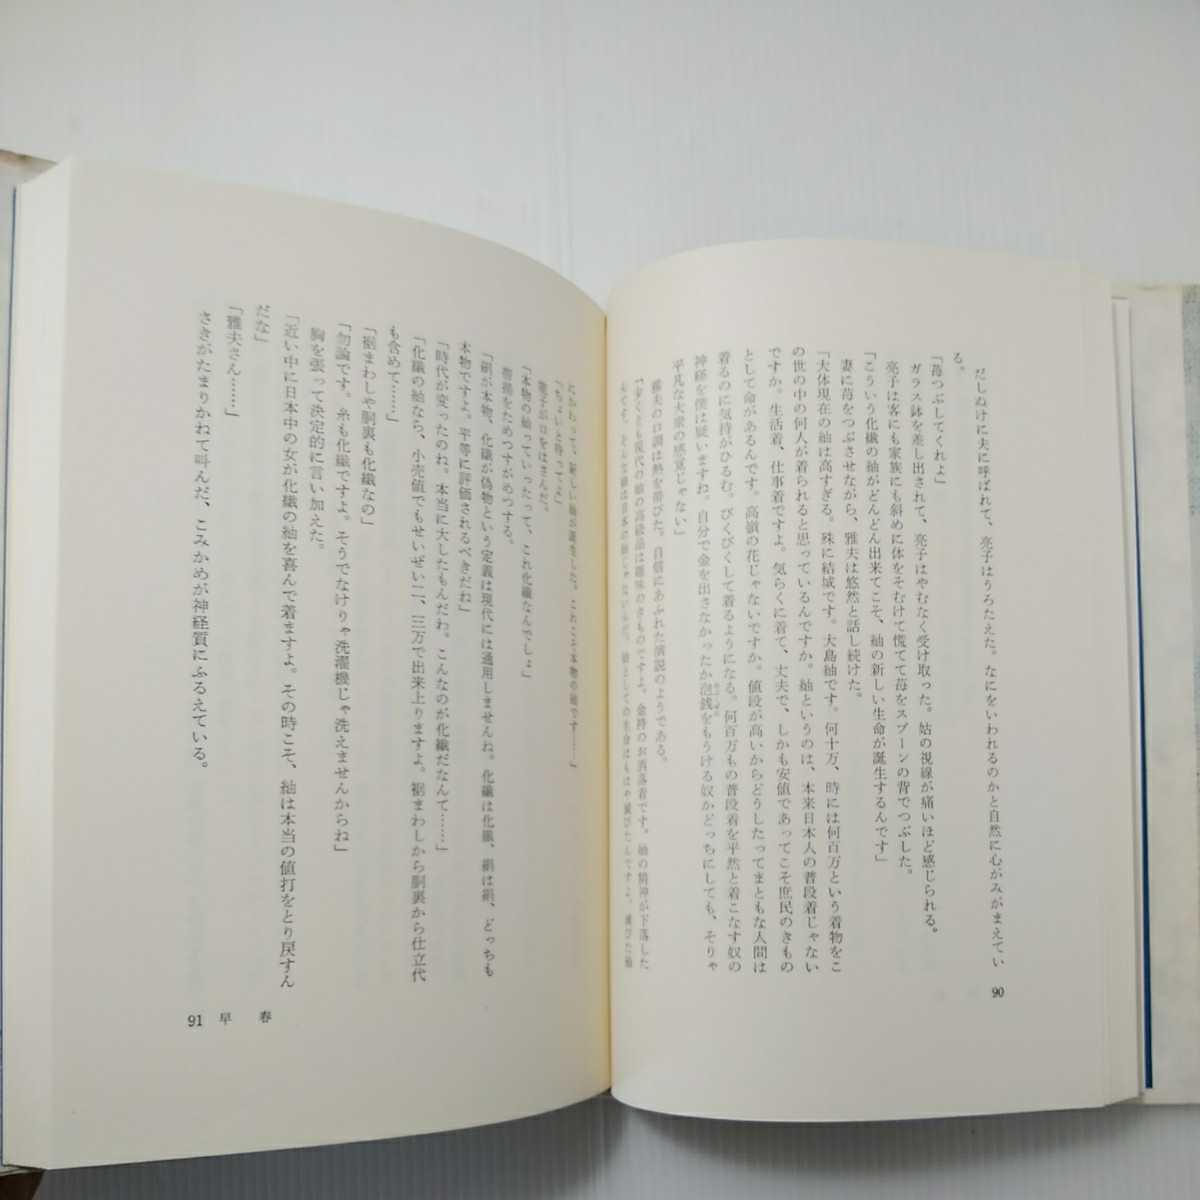 zaa-061♪女の気持 上・下巻2冊セット 単行本 1974/7/18 平岩 弓枝 (著) 中央公論新社